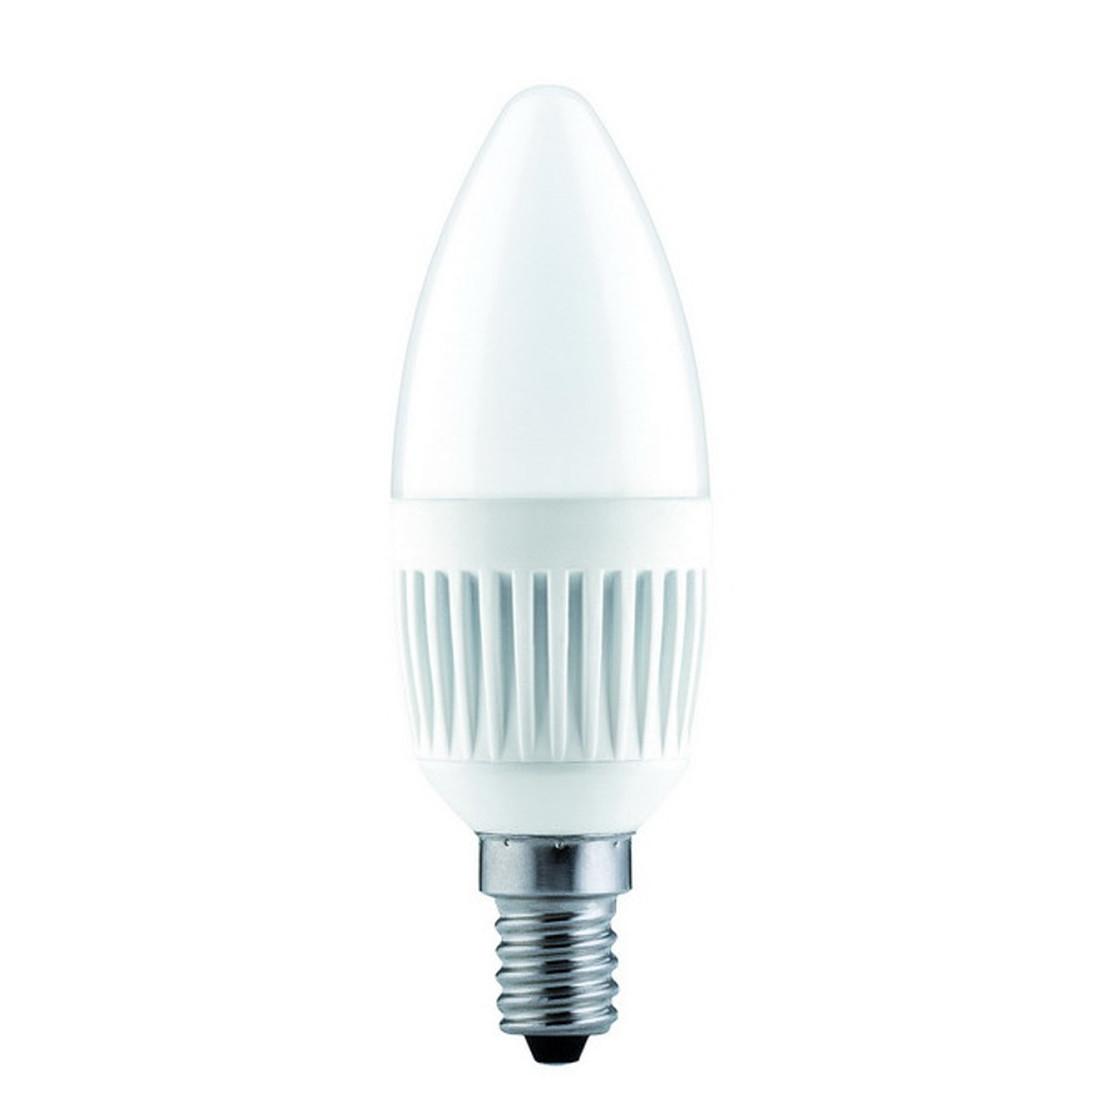 Paulmann led kerze 6 5 w warmweiss e14 leuchtmittel for Lampen rampe